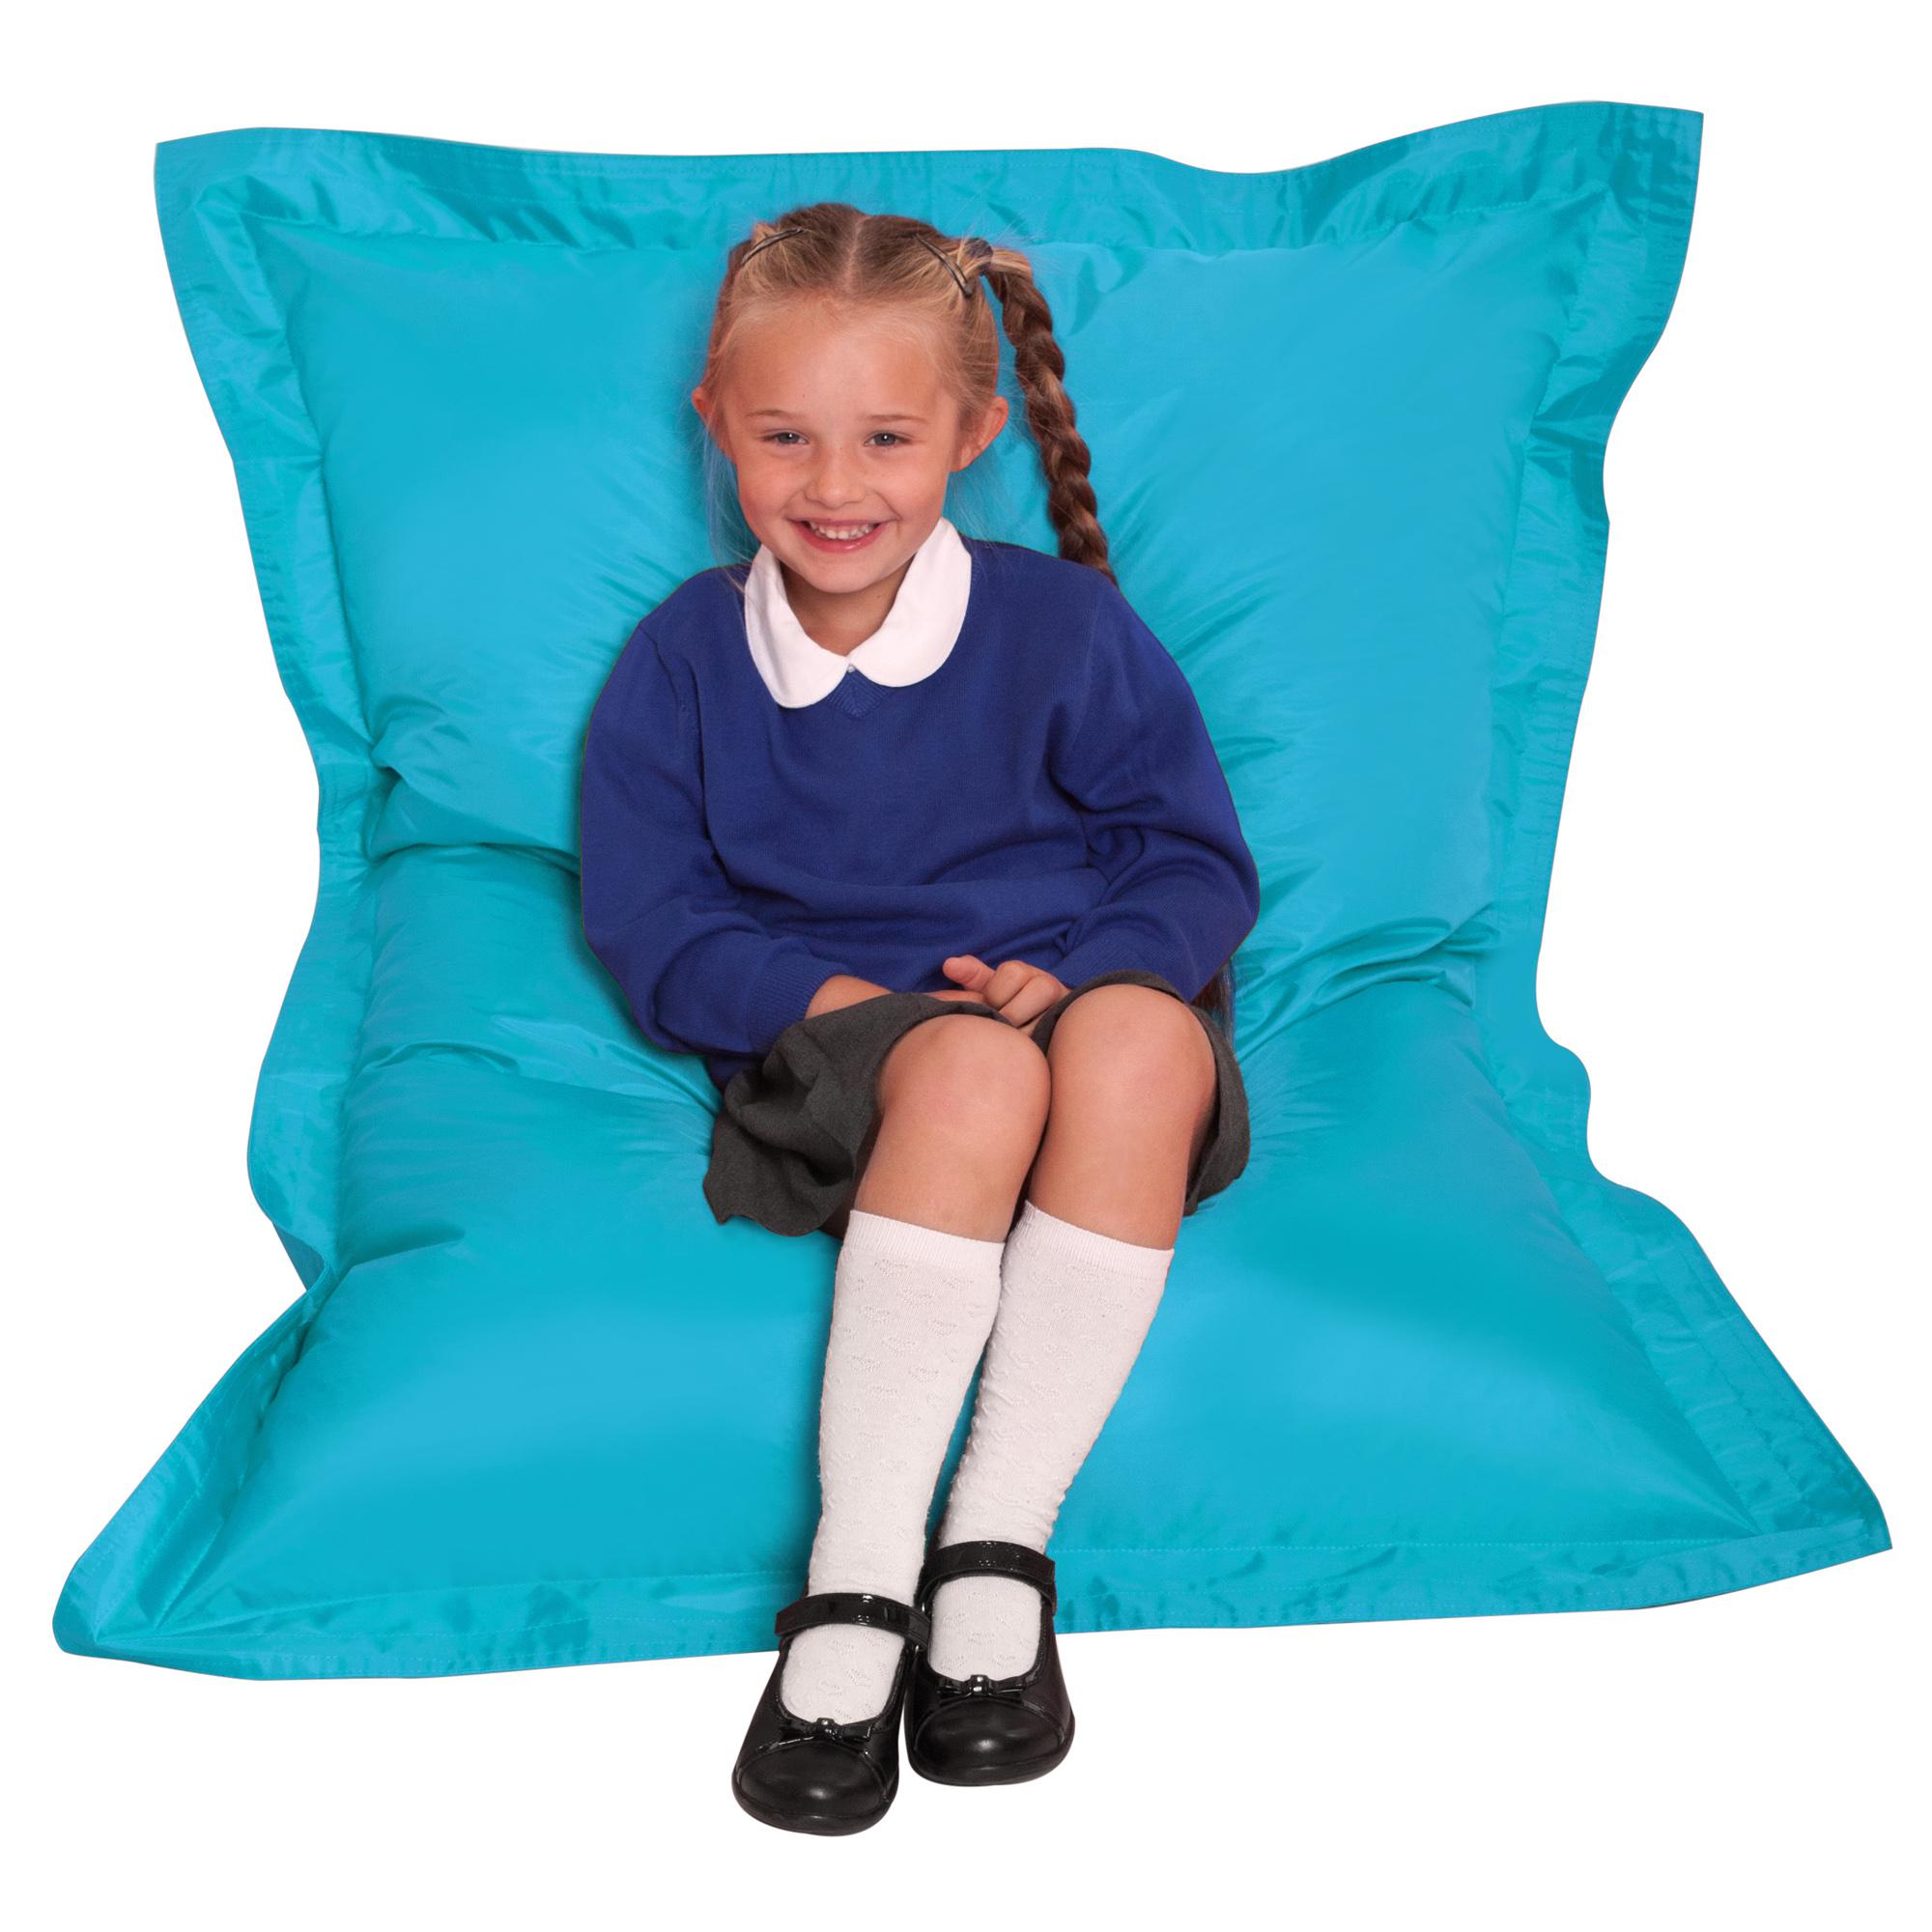 Eden-Childrens-Giant-Cushion-aqua-300dpi-2